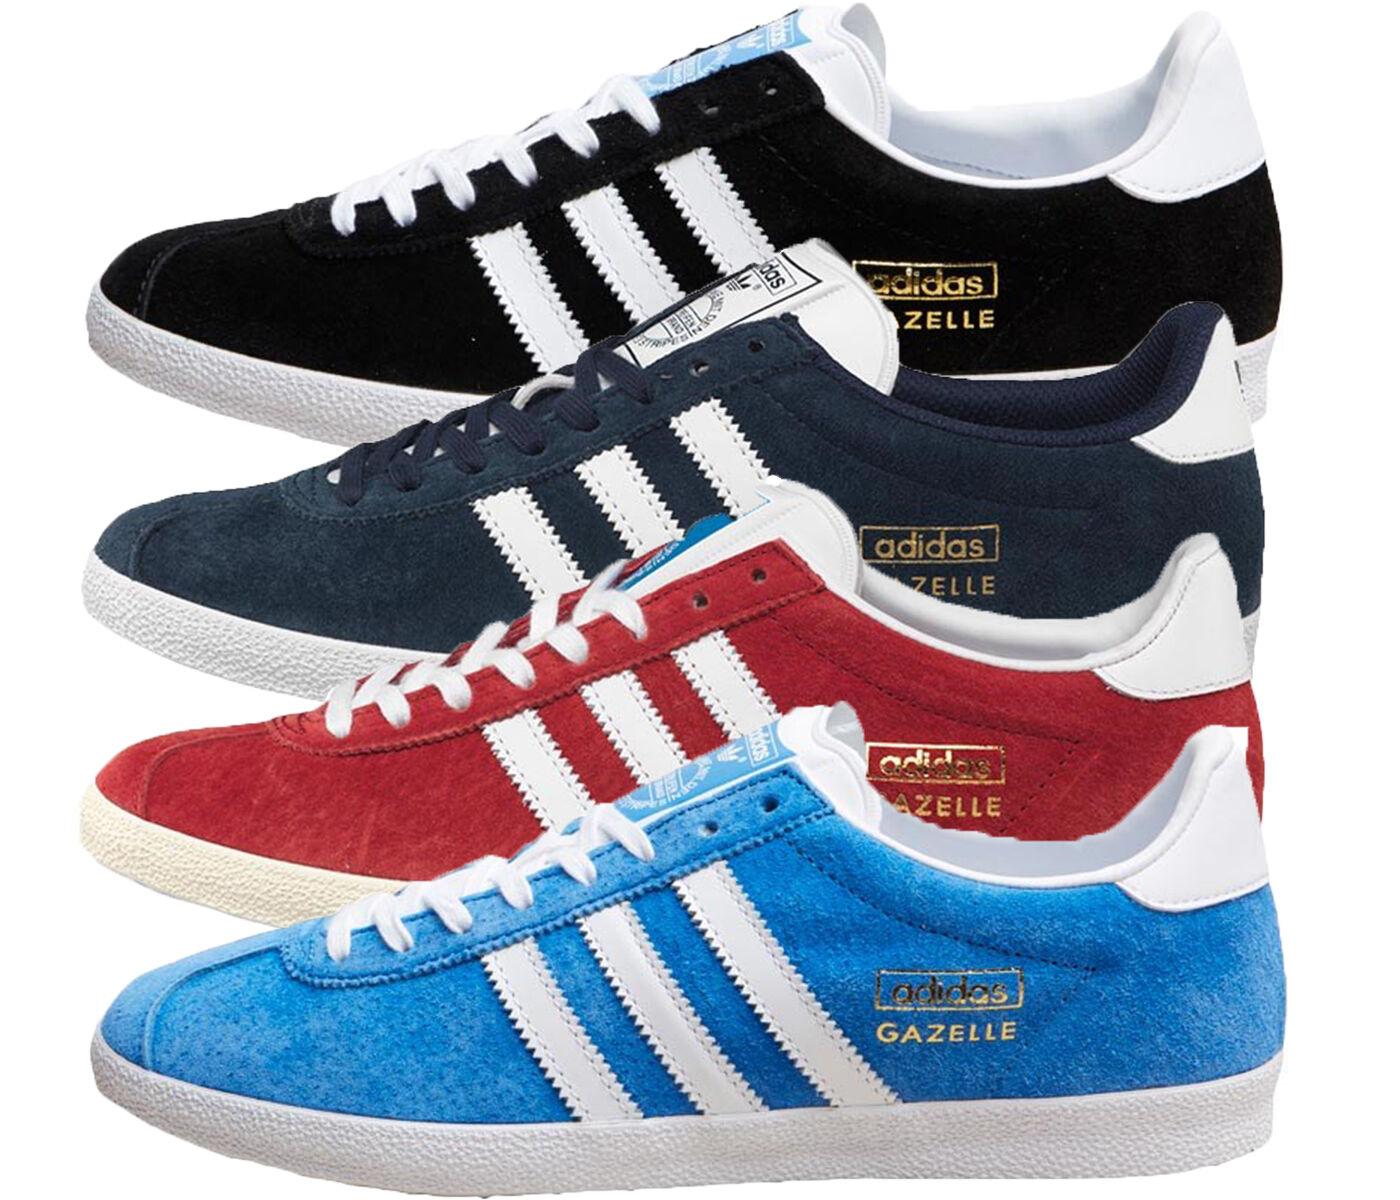 ADIDAS ORIGINALS PARA HOMBRE GAZELLE OG Zapatillas Zapatillas OG en Negro/Azul Marino/Azul O Rojo 85b2c9